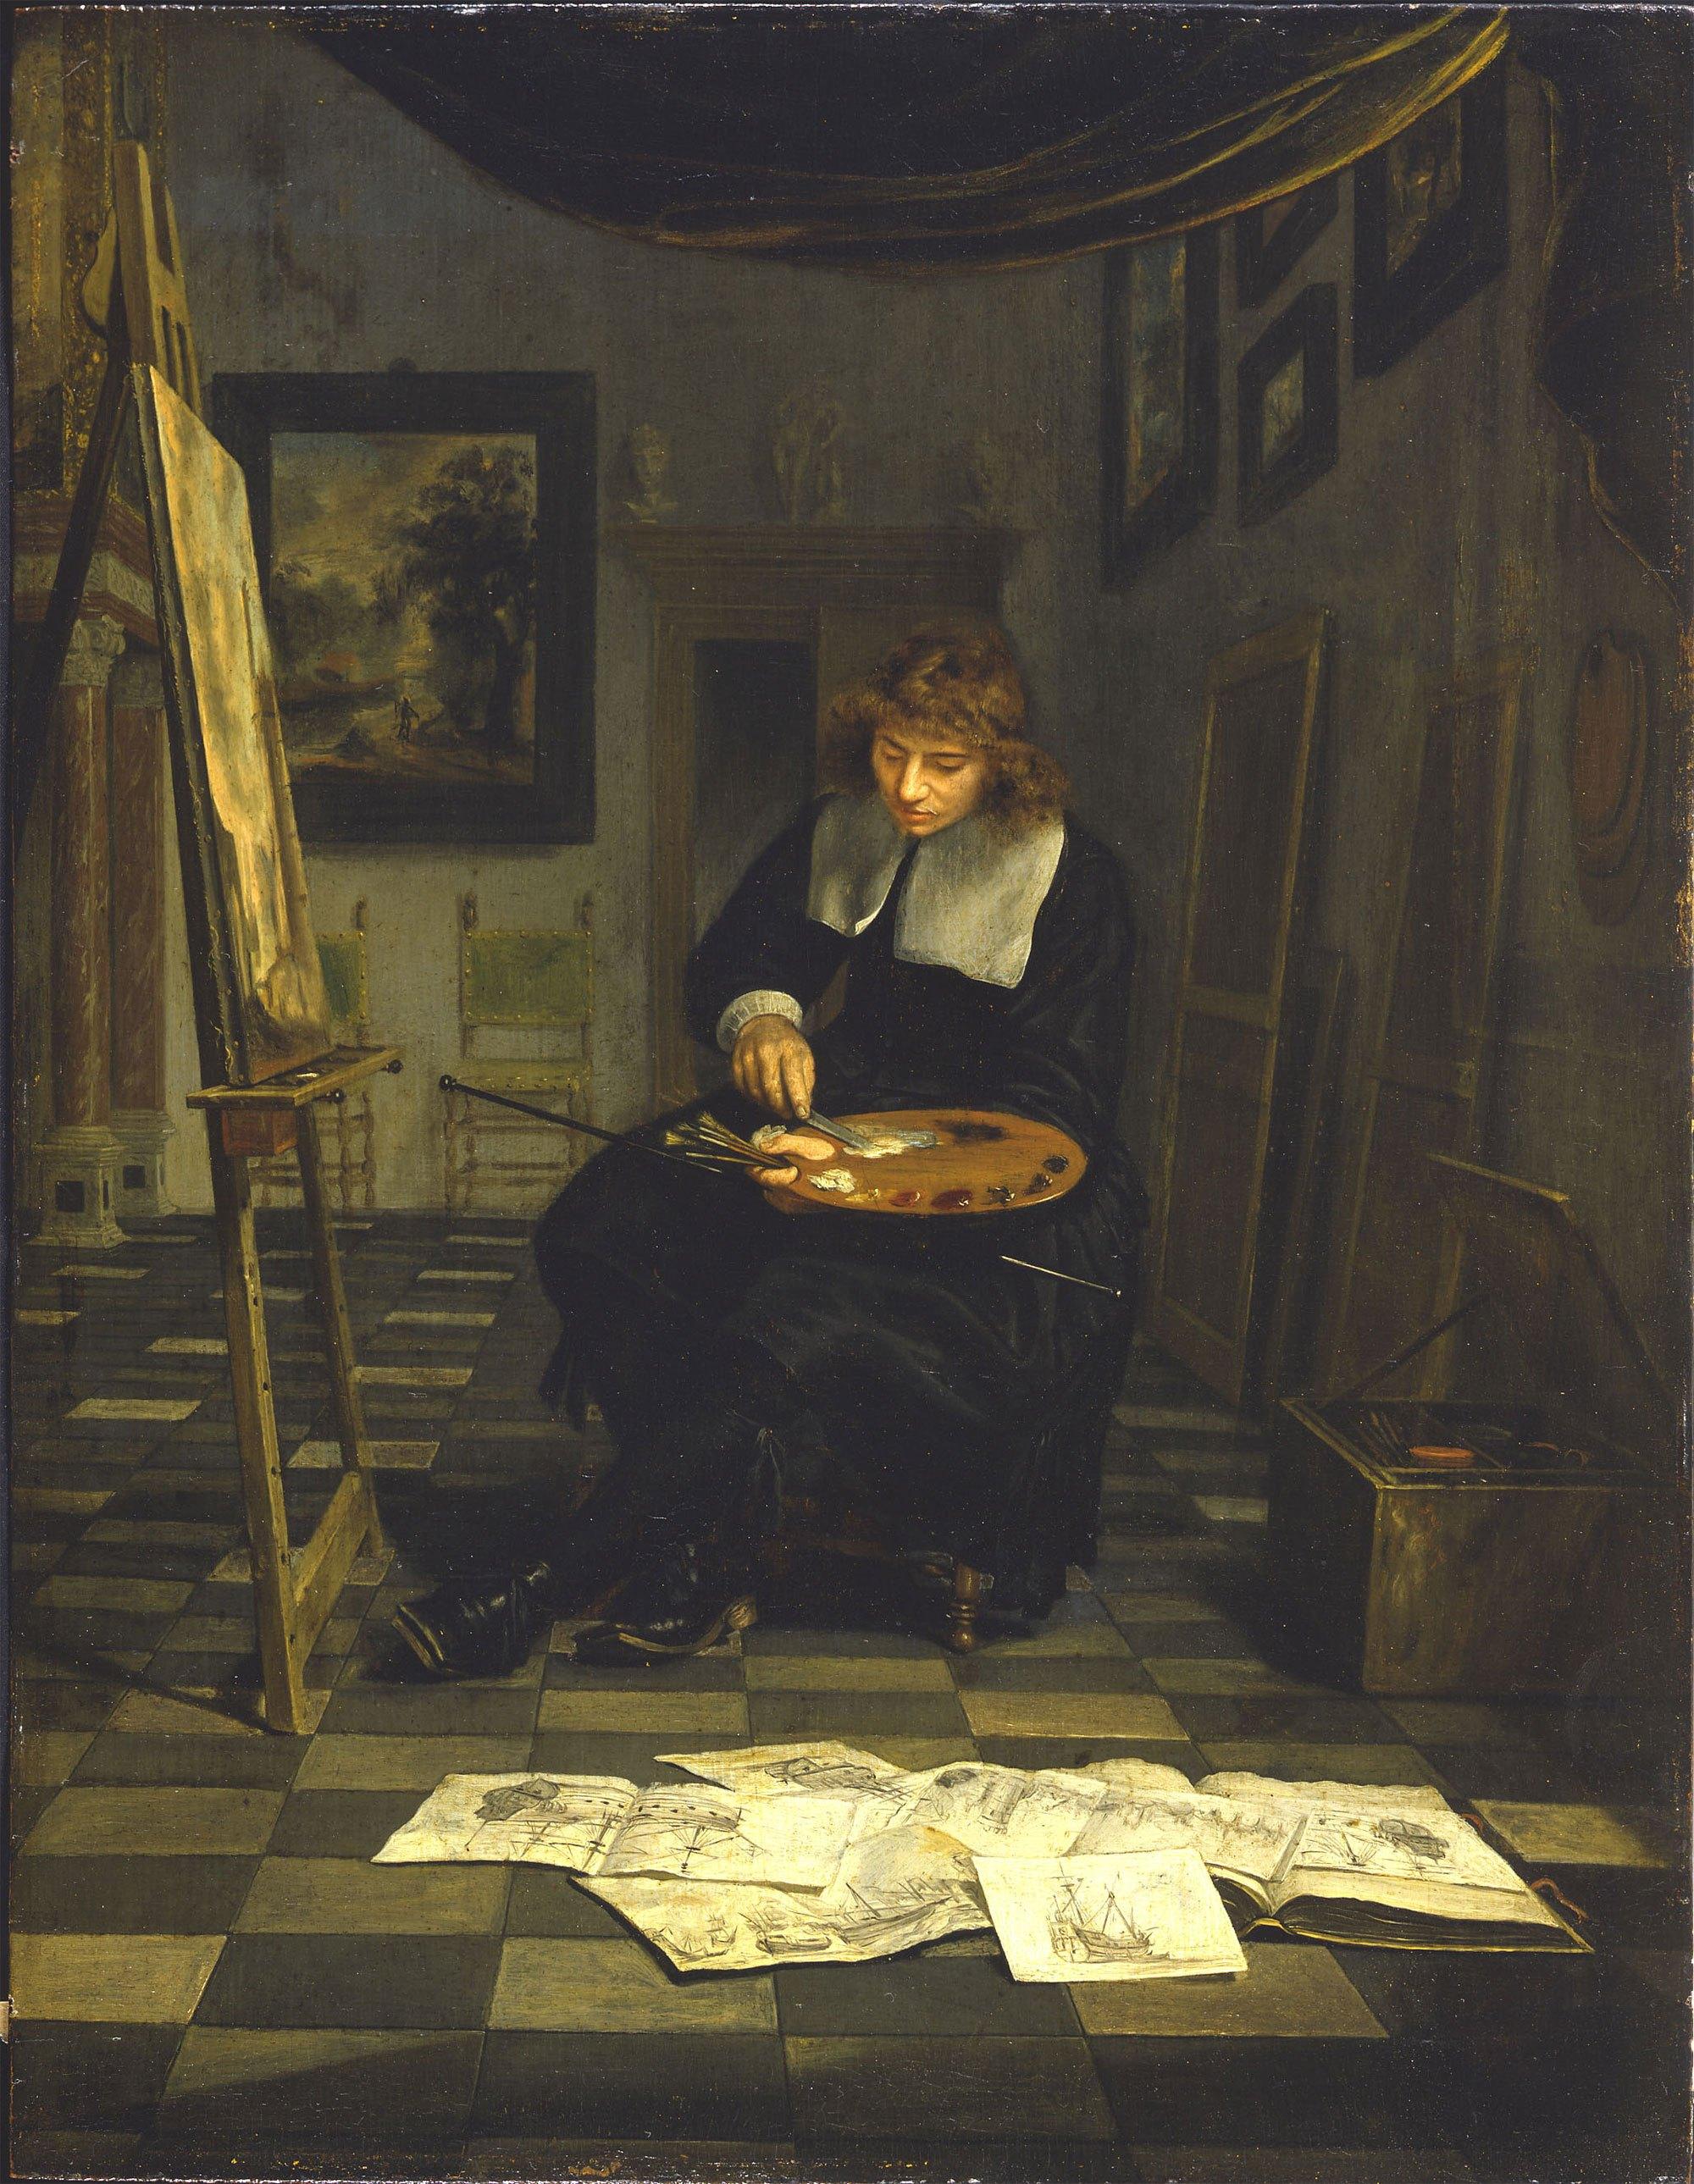 File:Portrait of an Artist in His Studio by Michiel van Musscher.jpg